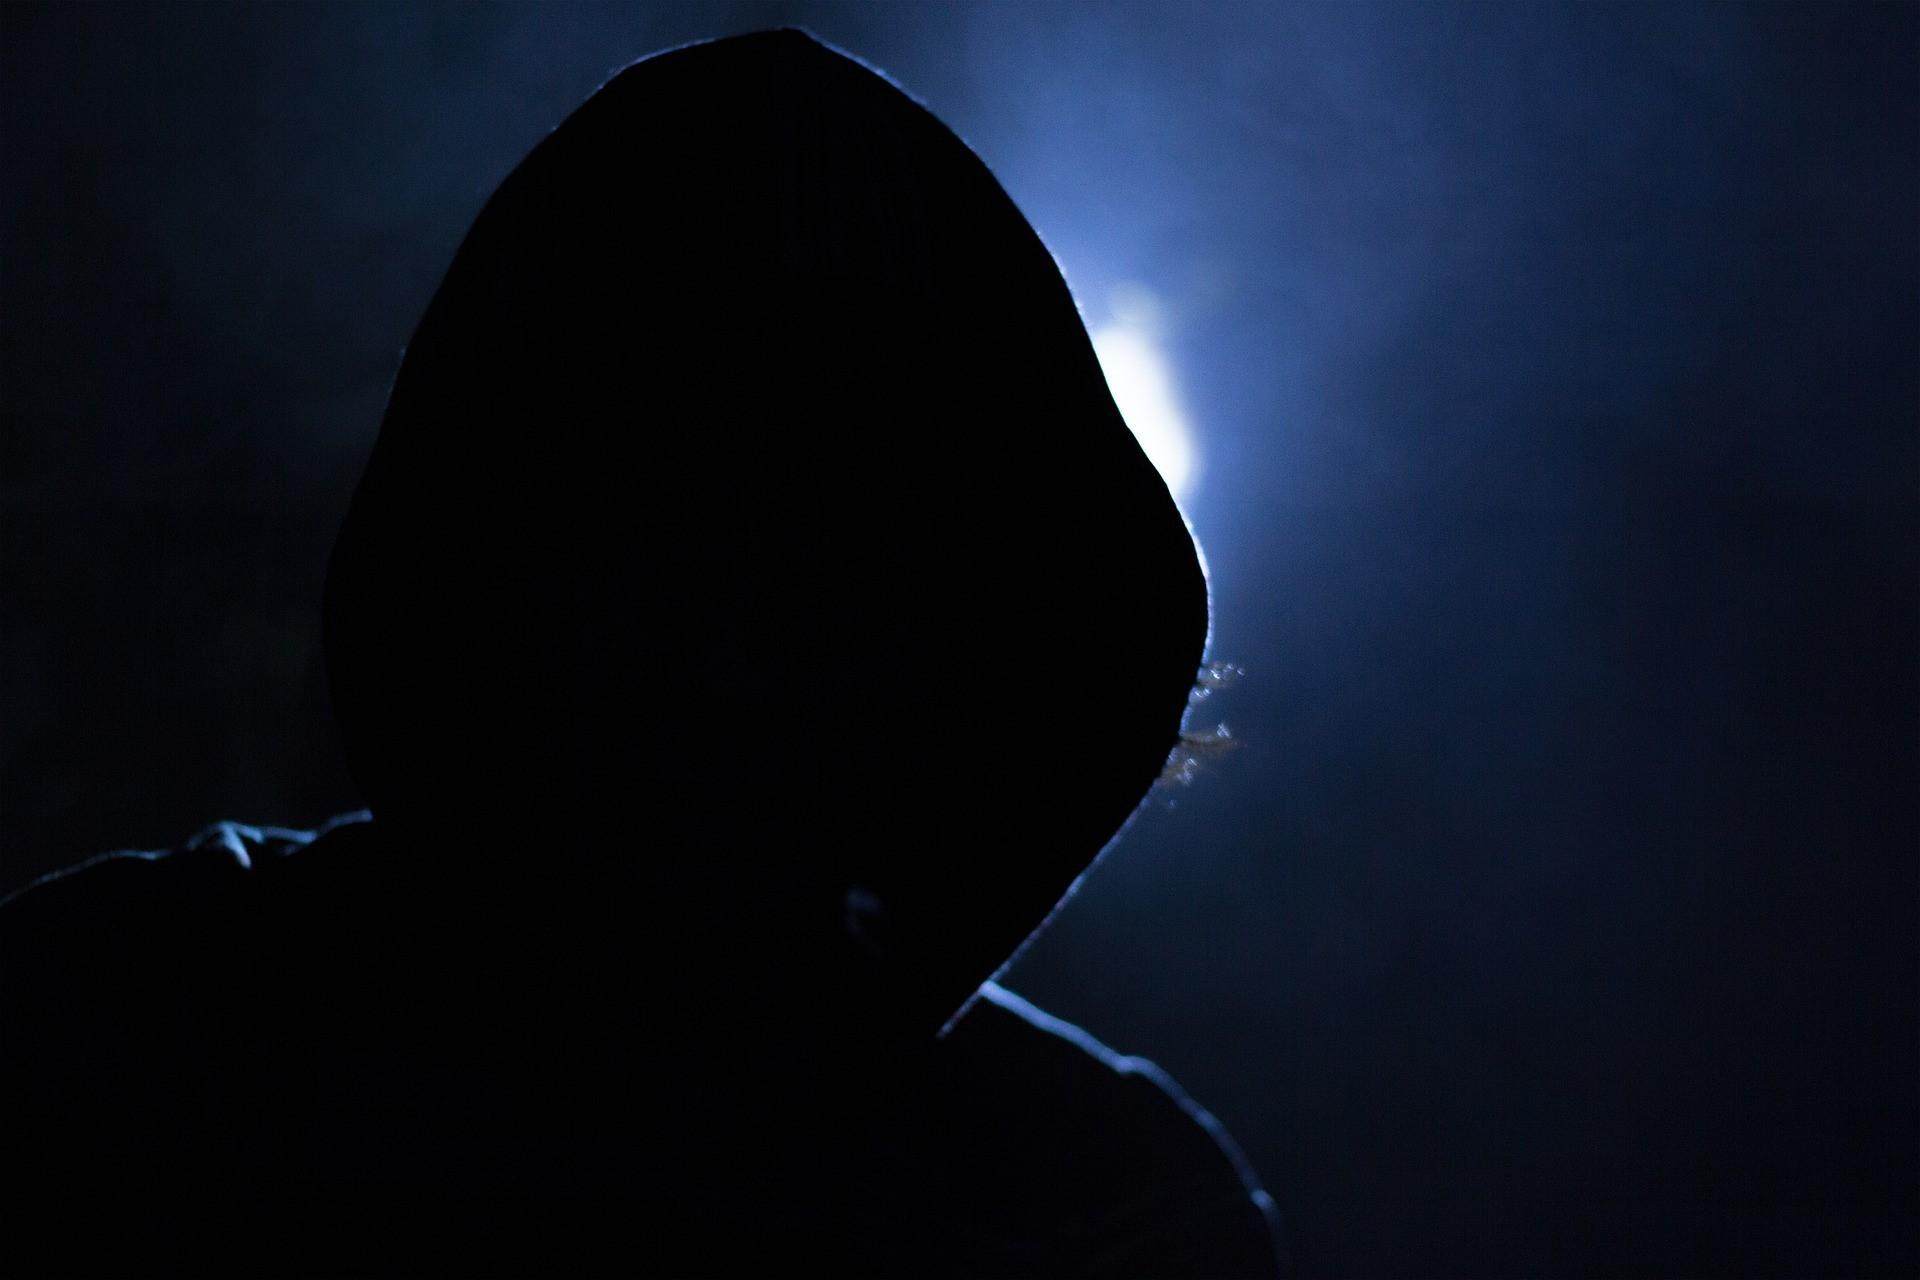 Эти преступления придётся расследовать подразделению киберполиции - newssky.com.ua